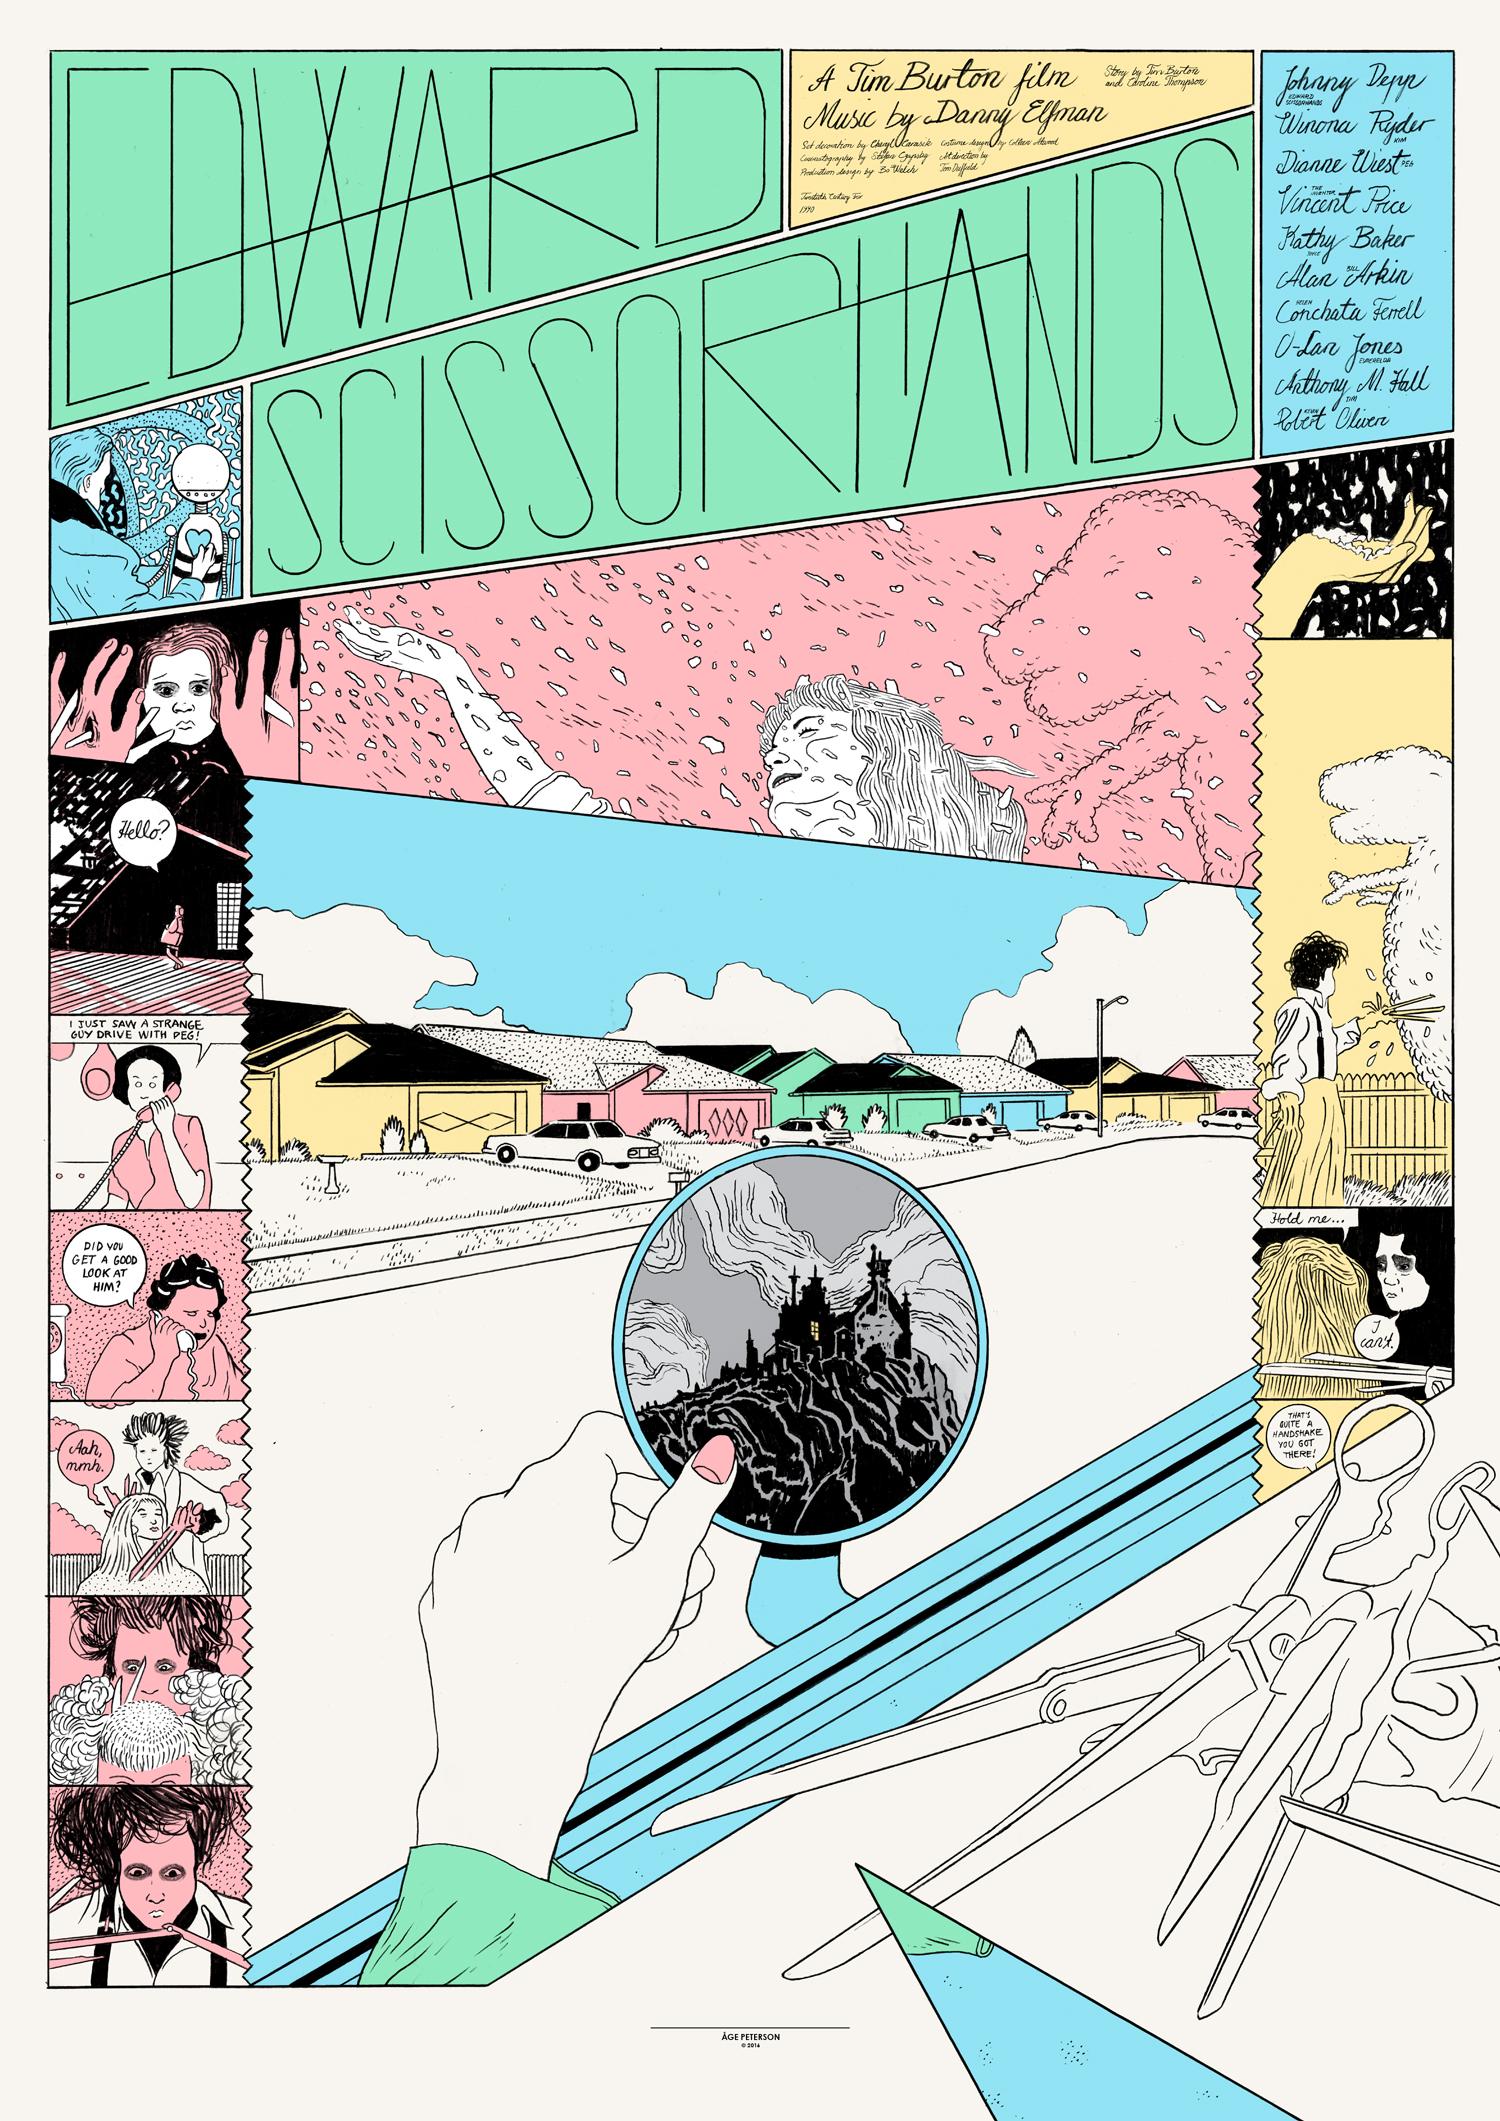 Edward Scissorhands  (1990), directed by Tim Burton